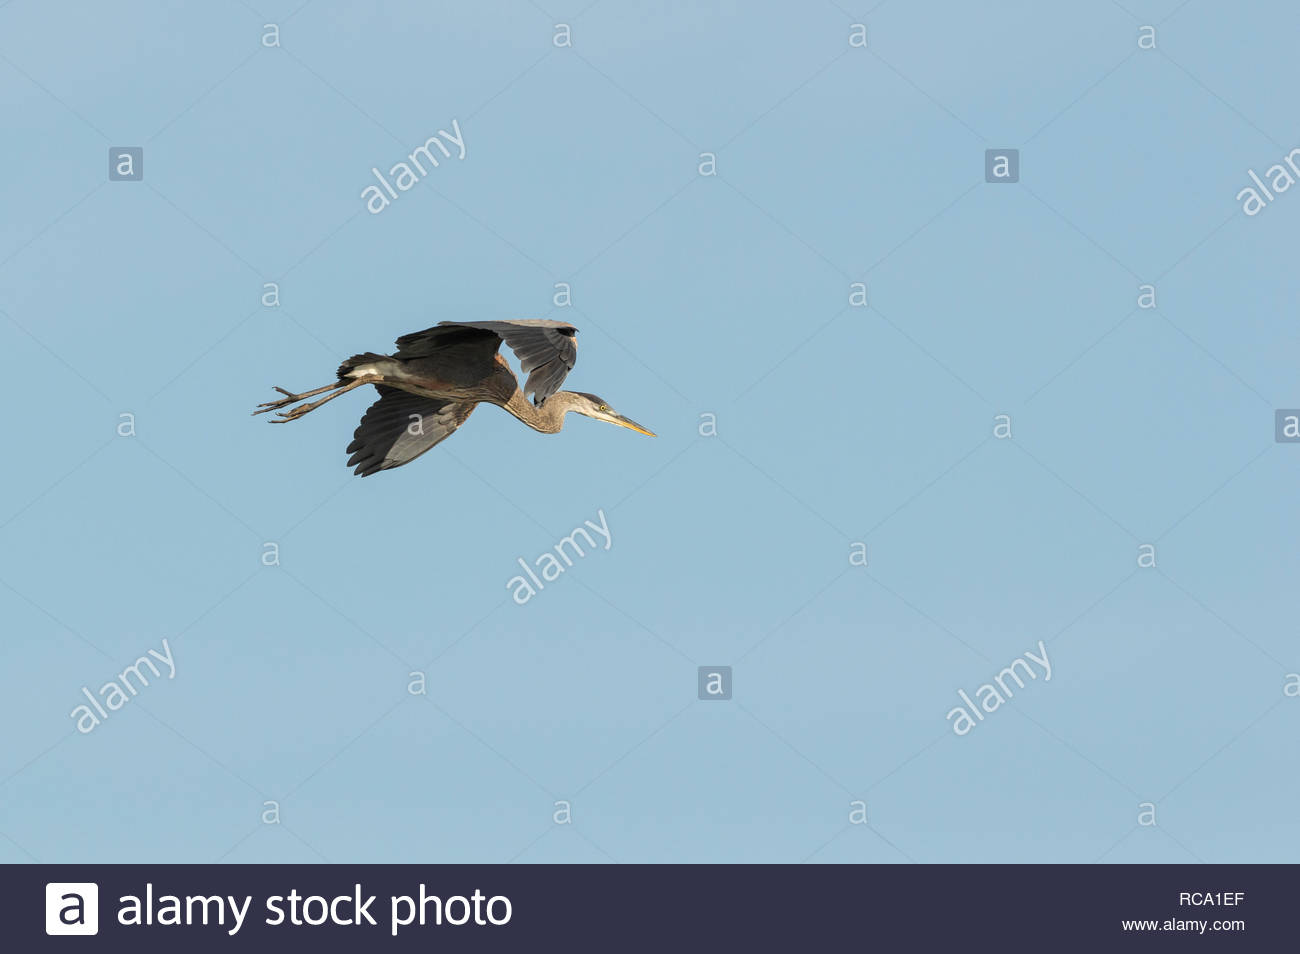 Great Blue Heron langsam fliegen, sich anschickt zu landen Stockbild